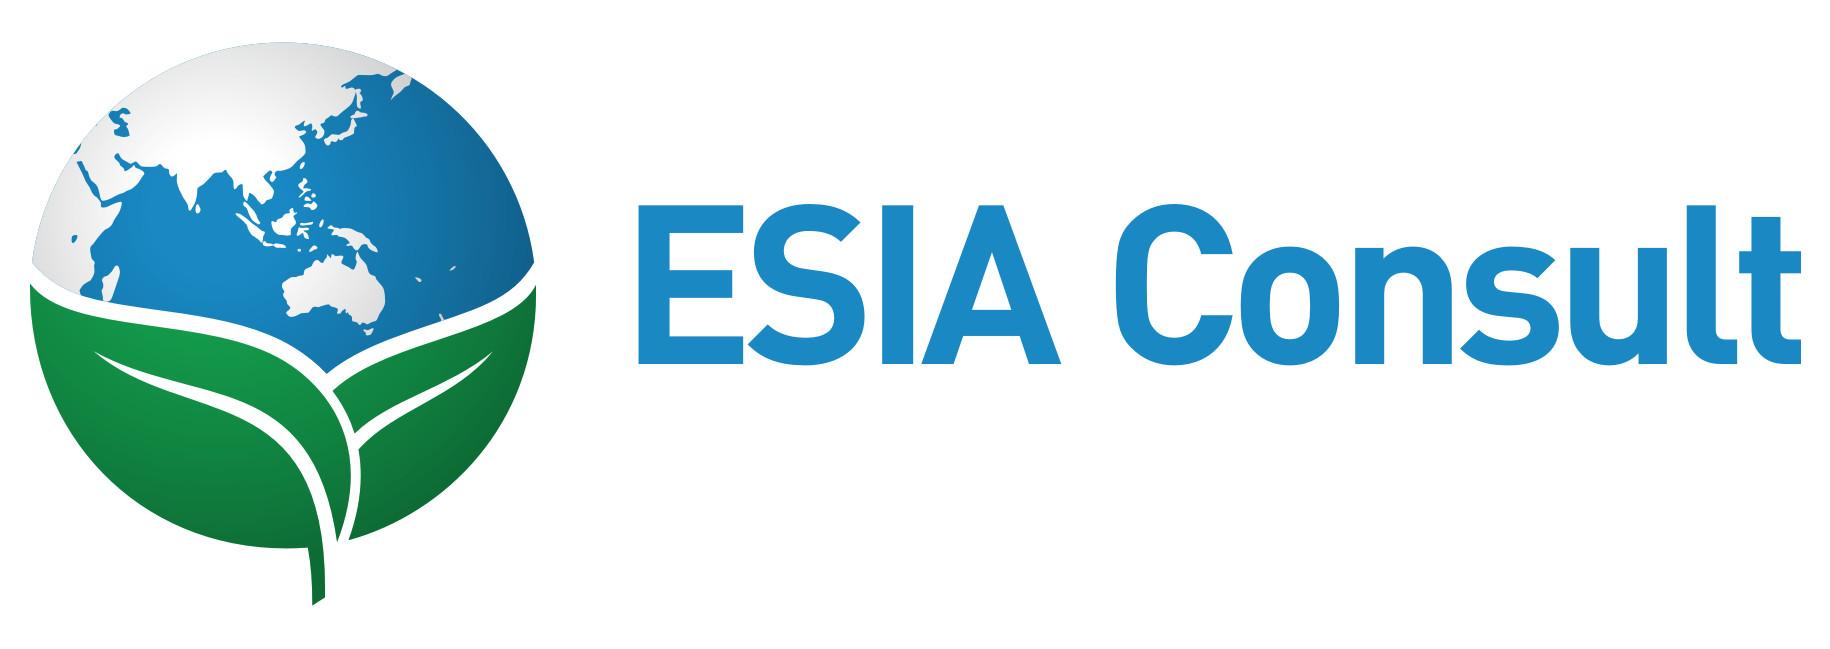 ESIA Consult